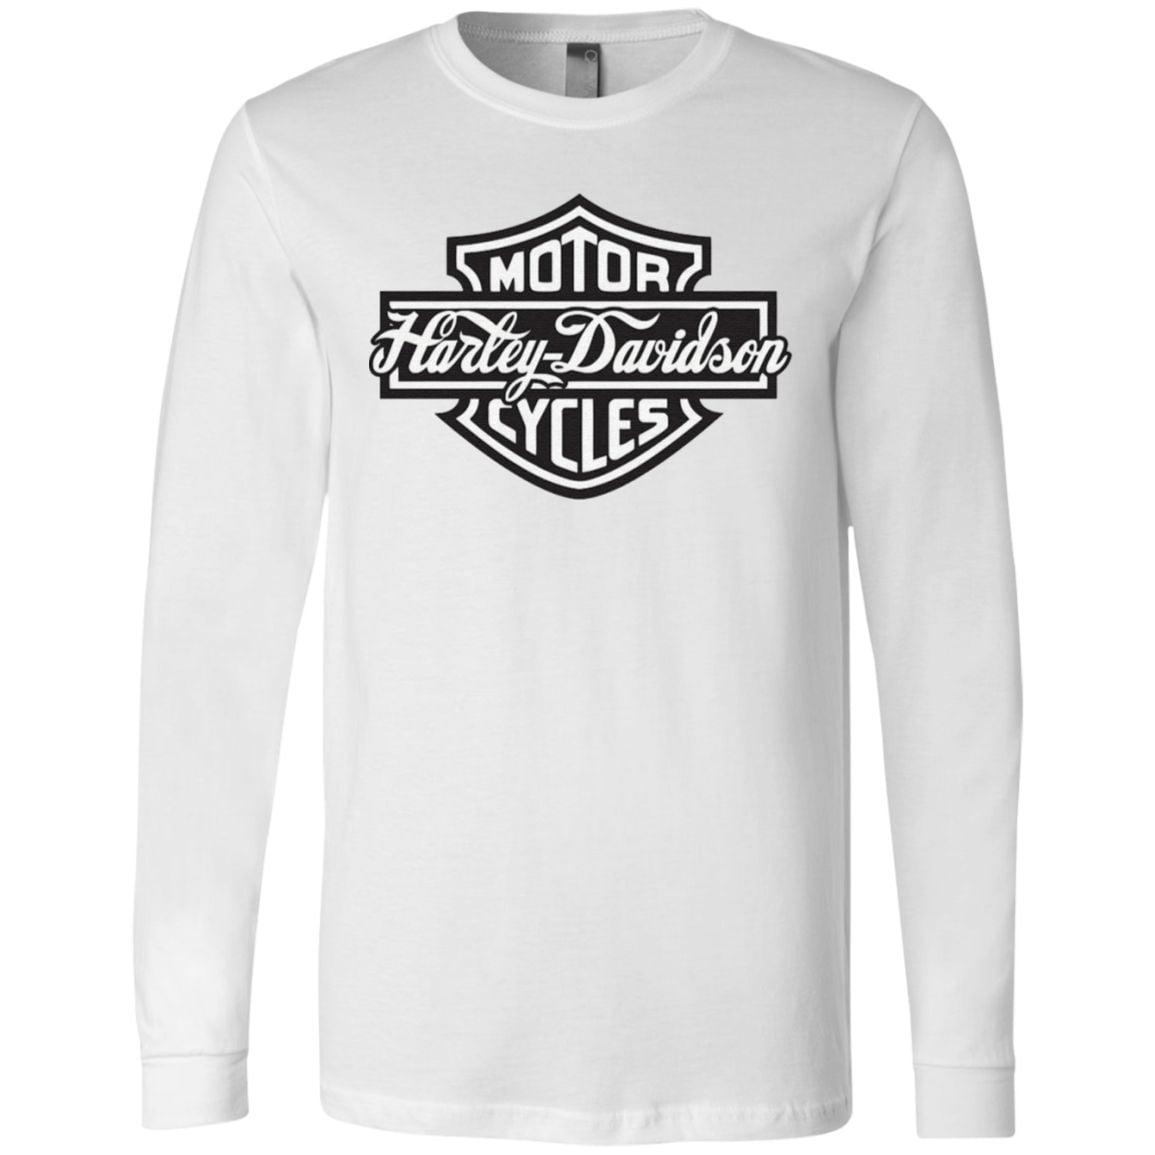 Biker Club Harley Davidson T Shirt